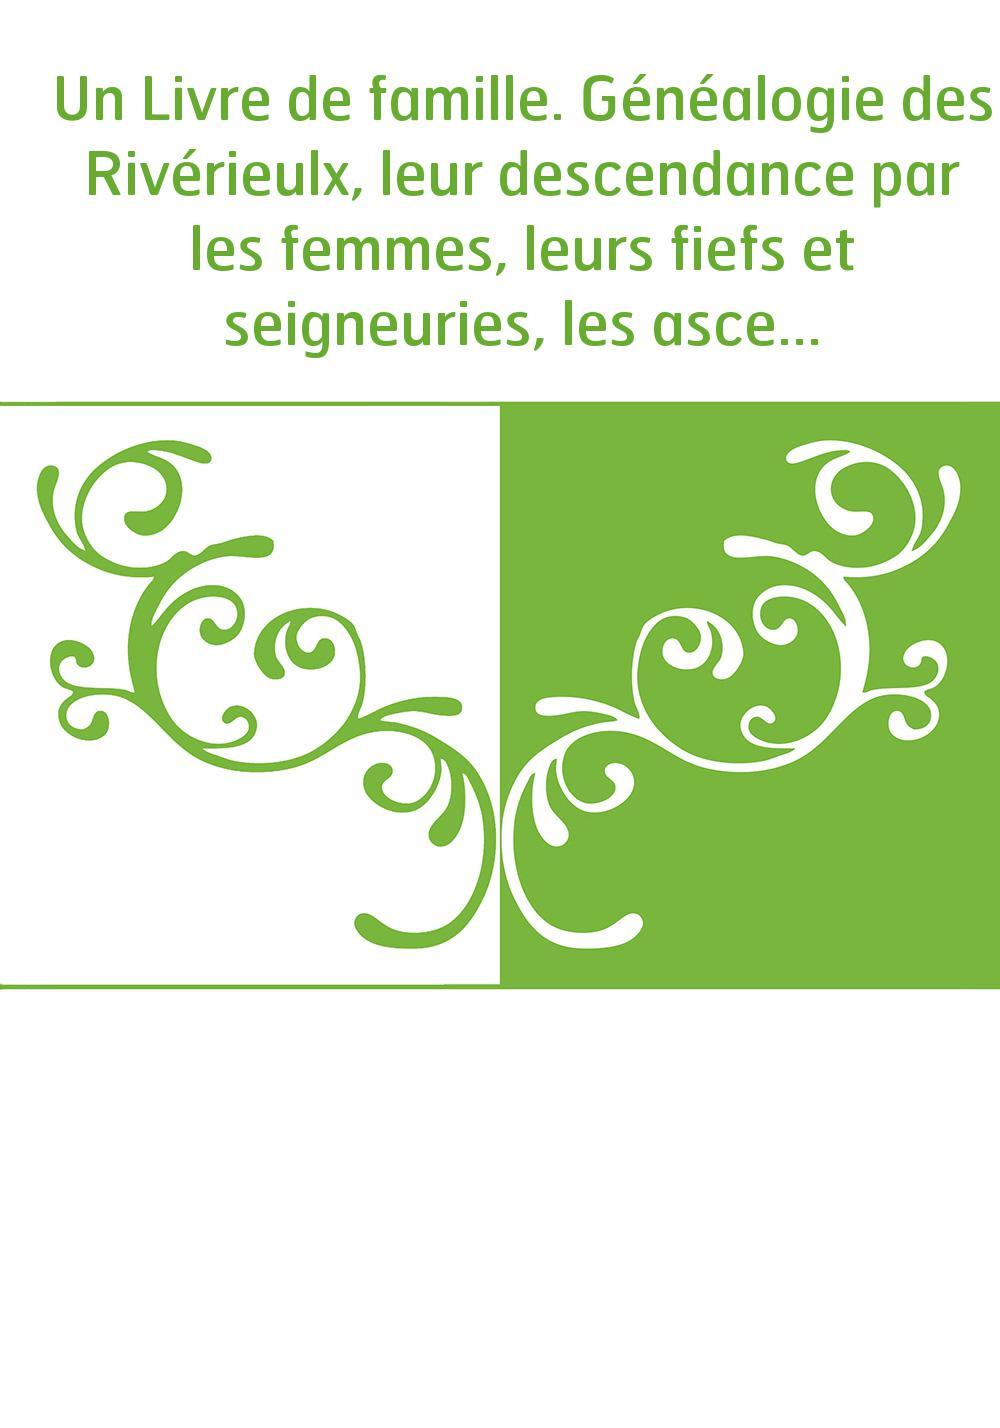 Un Livre de famille. Généalogie des Rivérieulx, leur descendance par les femmes, leurs fiefs et seigneuries, les ascendants des